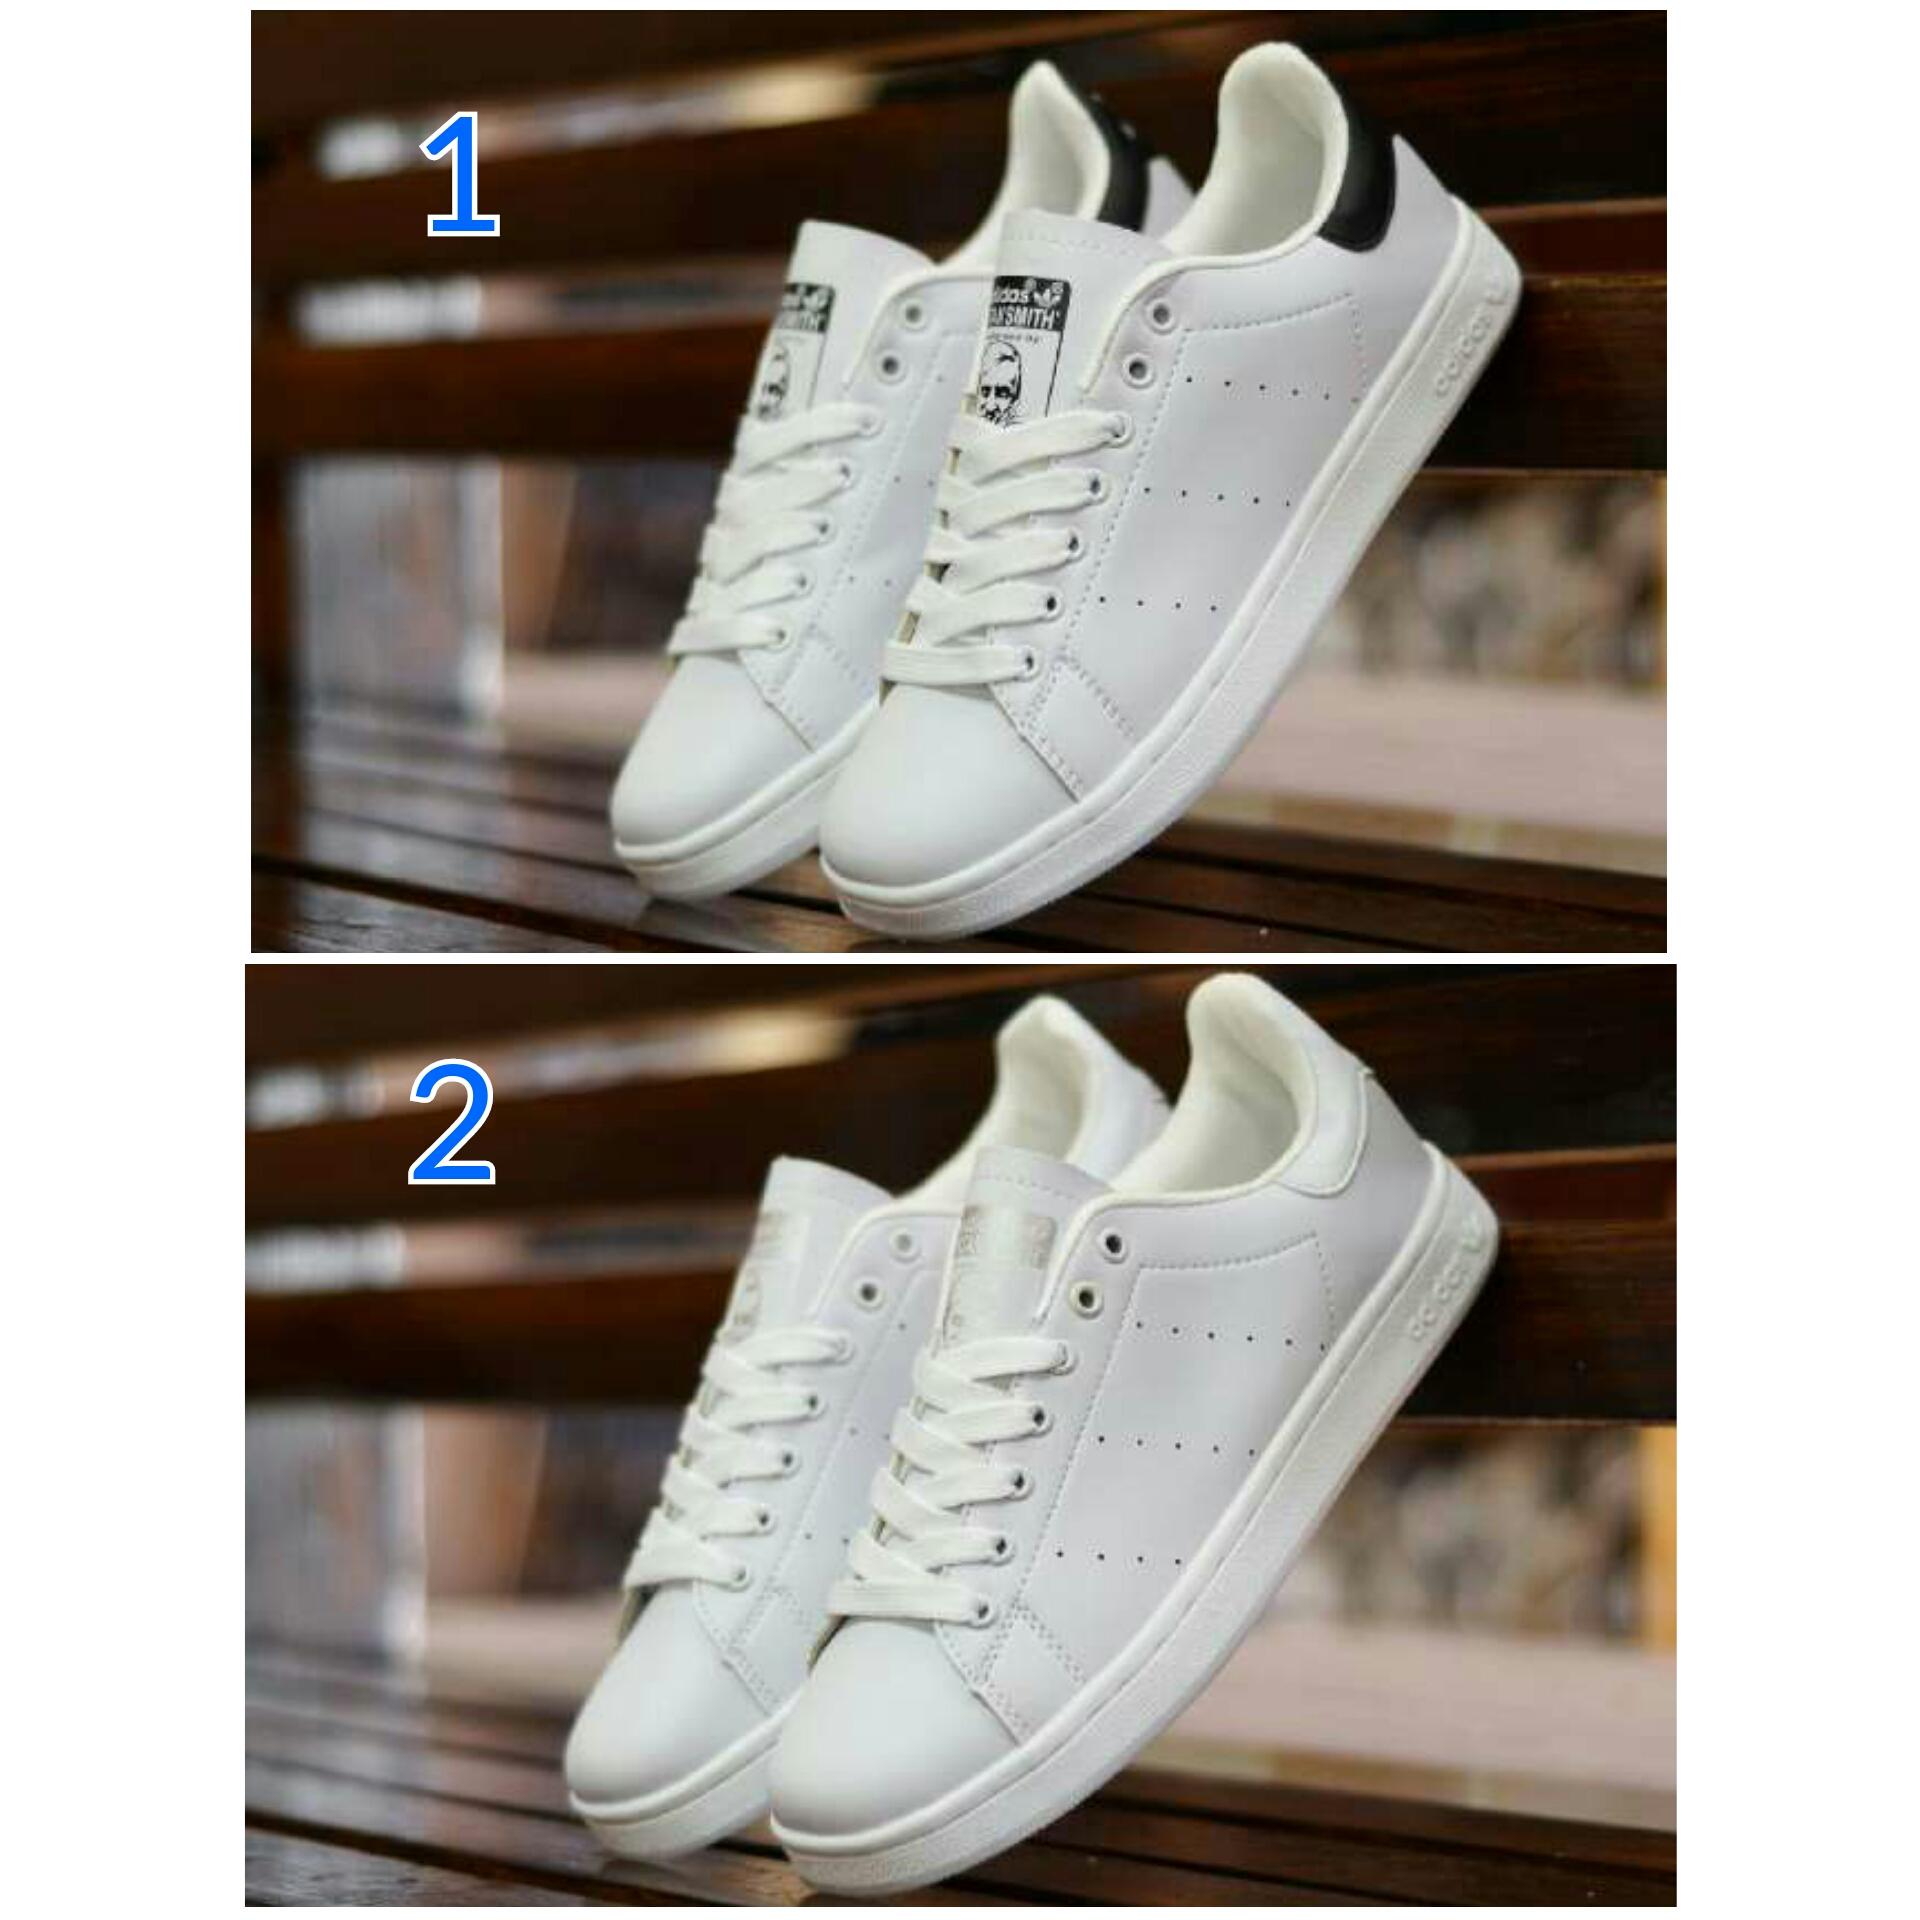 Jual Sepatu Pria Casual Sneakers Adidas Stansmith Made In Vietnam Kasual Sneaker Bandung Termurah Shopping Tokopedia